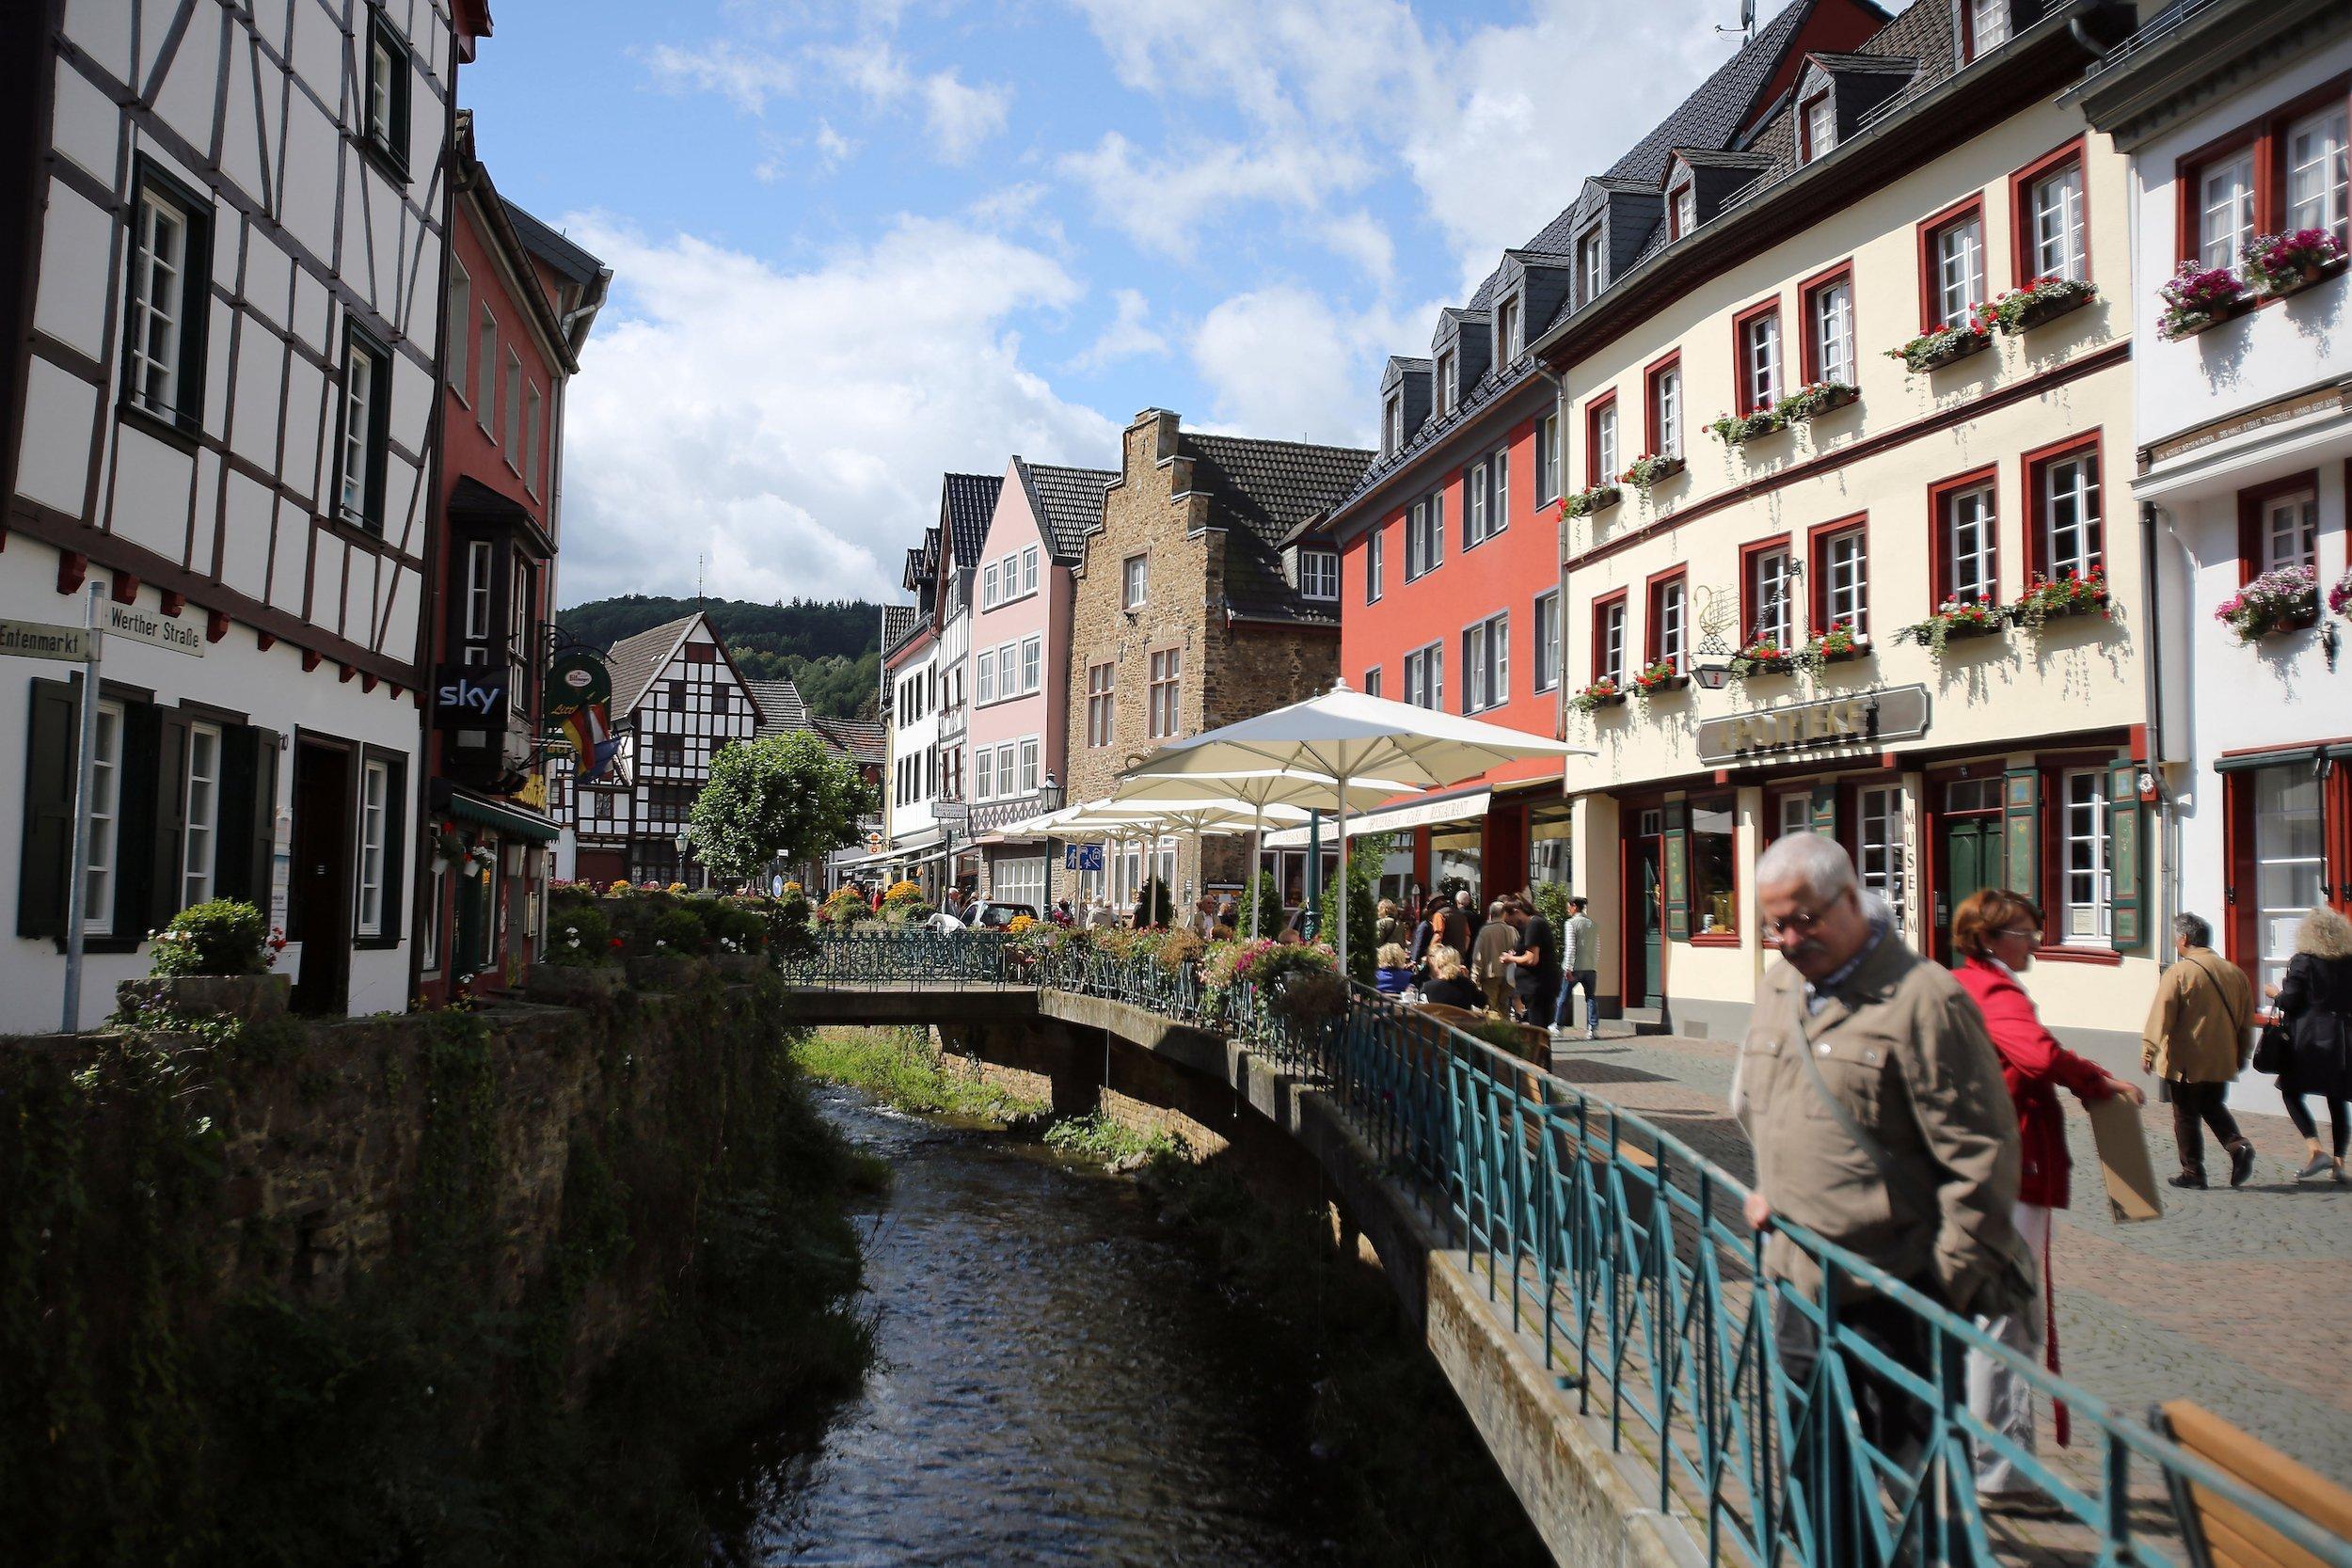 Idyllisches Kleinstadt, durch die der Fluss Erft fließt.